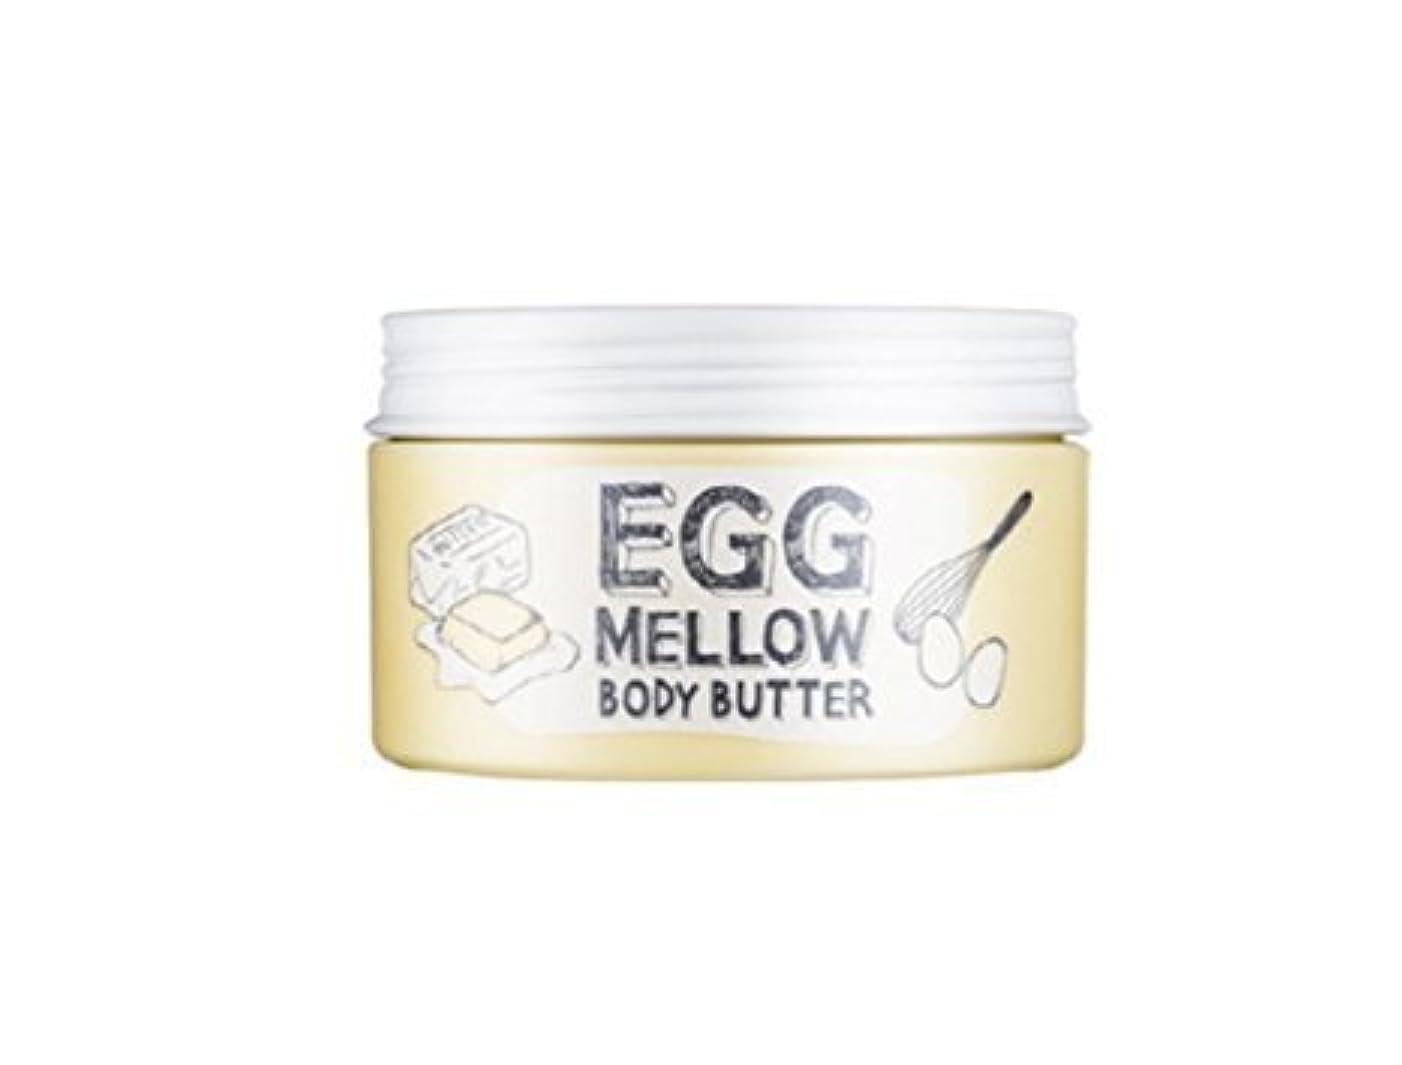 不調和ピーブ冷蔵庫Too Cool For School Egg Mellow Body Butter 200g(7.05oz) Moisture body cream [並行輸入品]